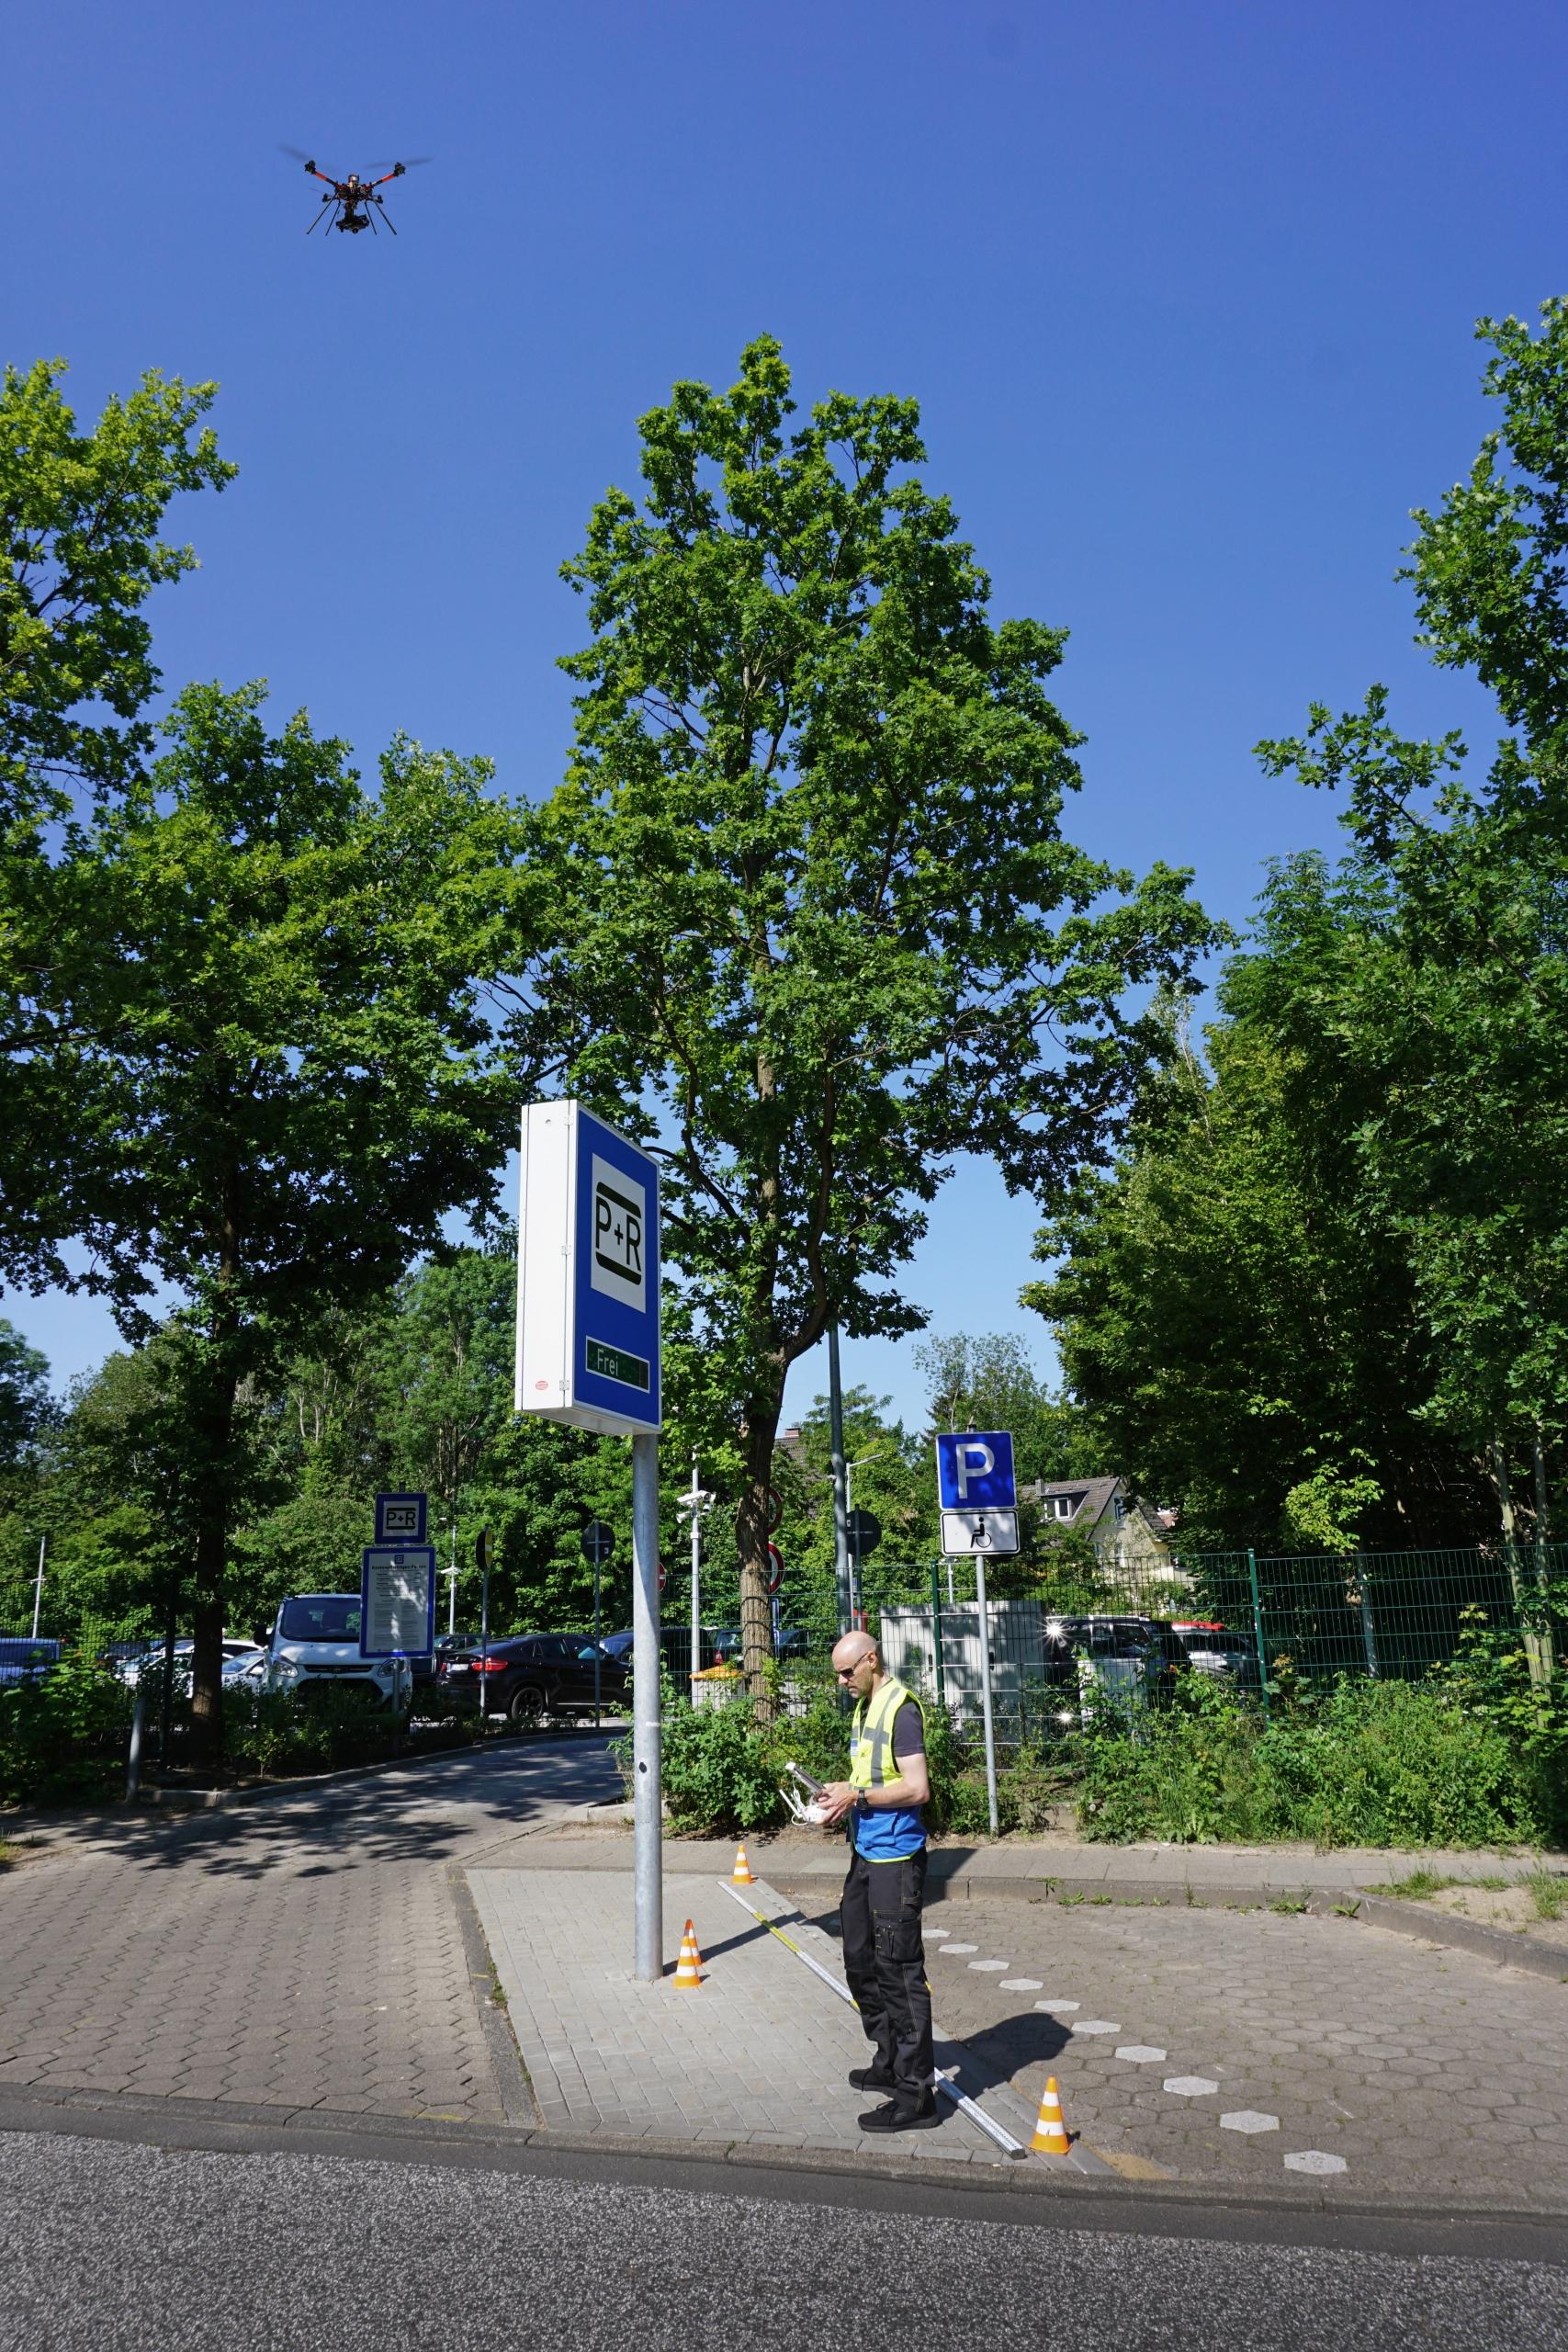 P+R Niendorf-Markt